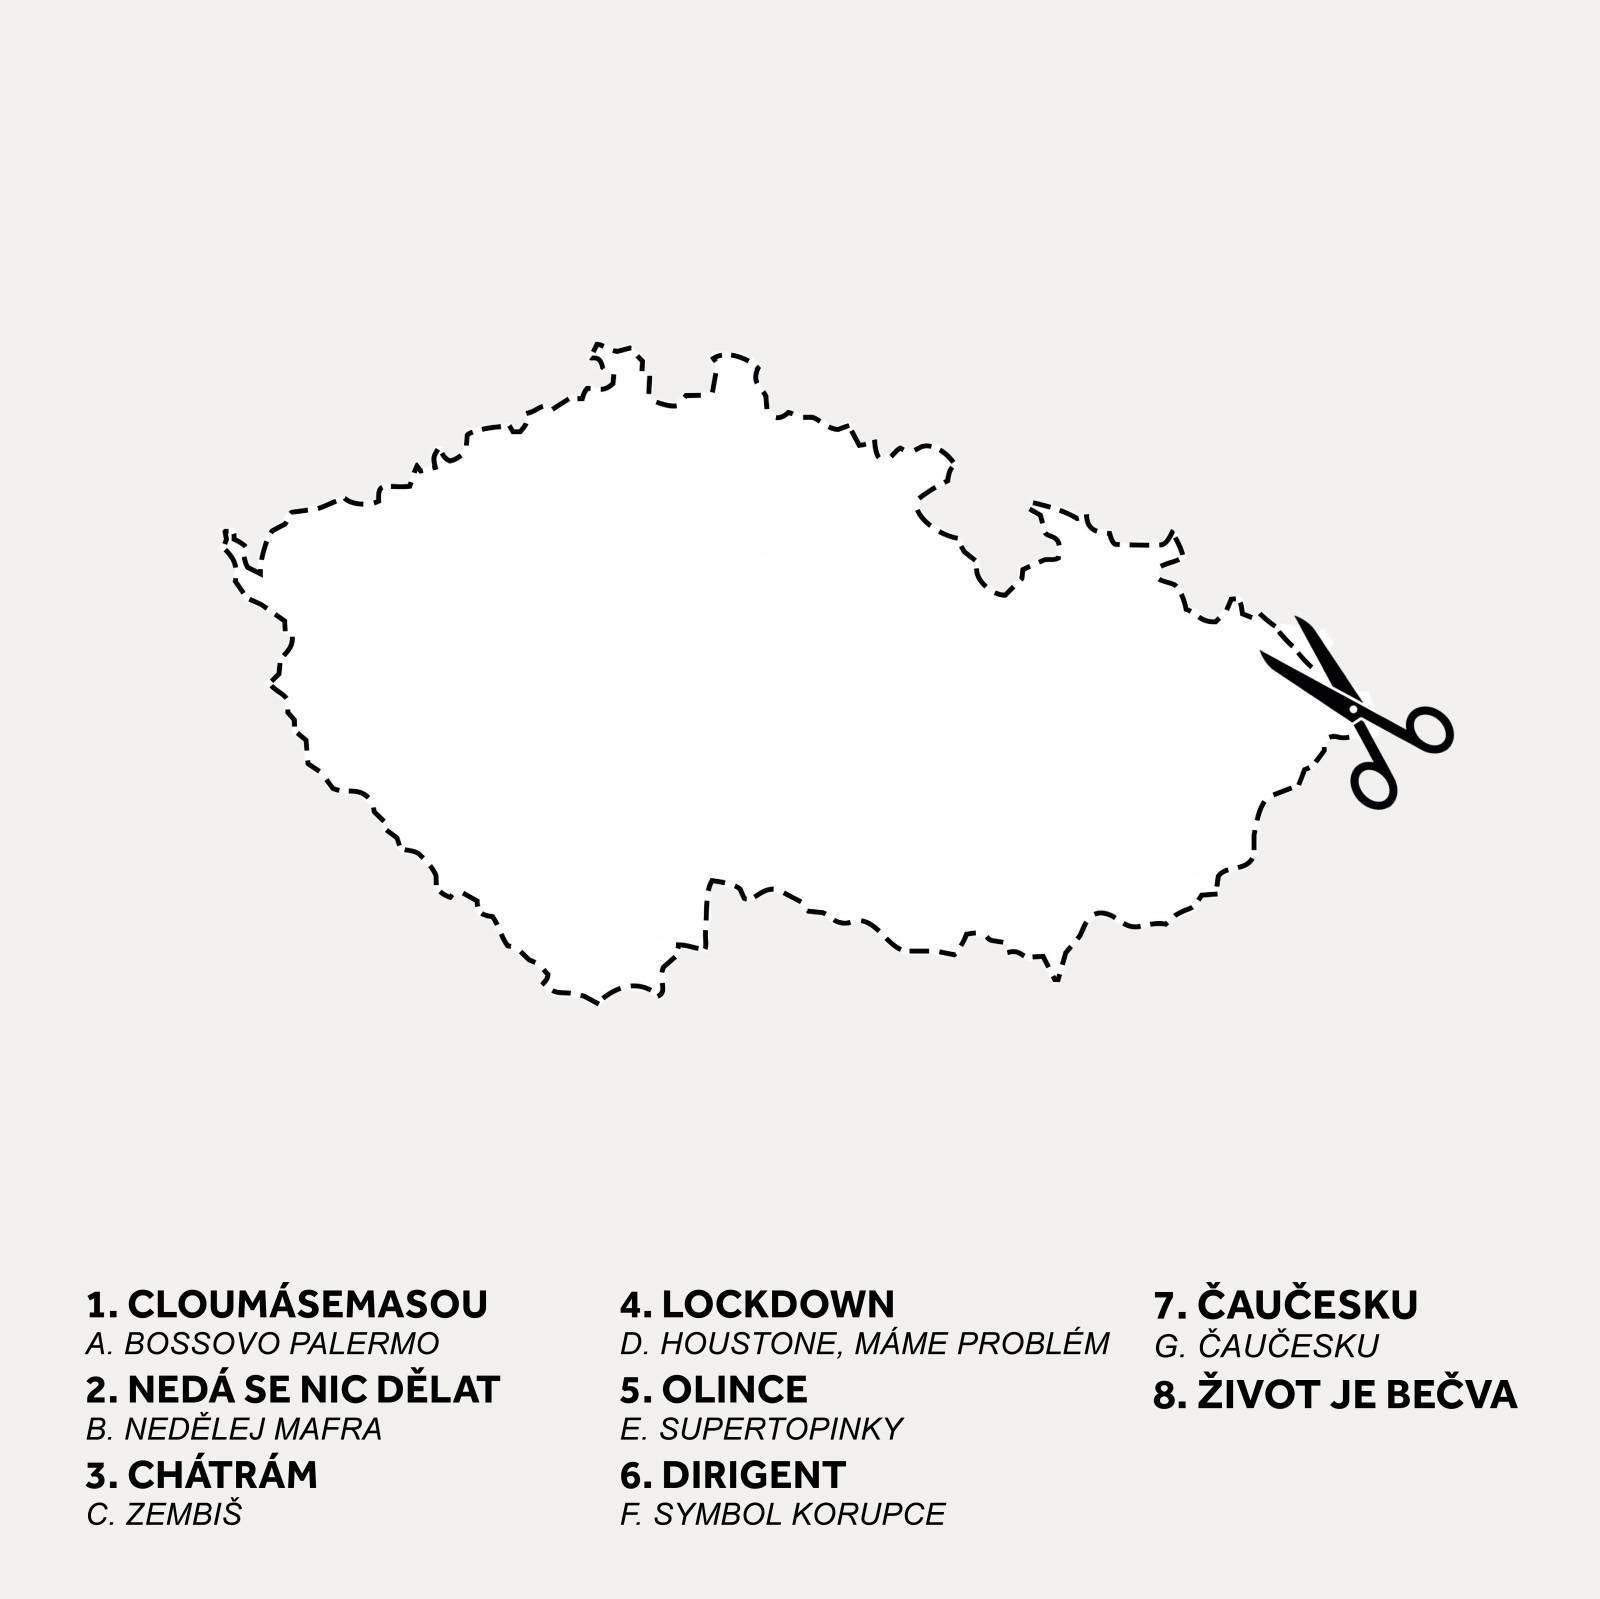 RECENZE: Tomáš Klus svým politickým antibabišovským albem příliš nepřekvapí